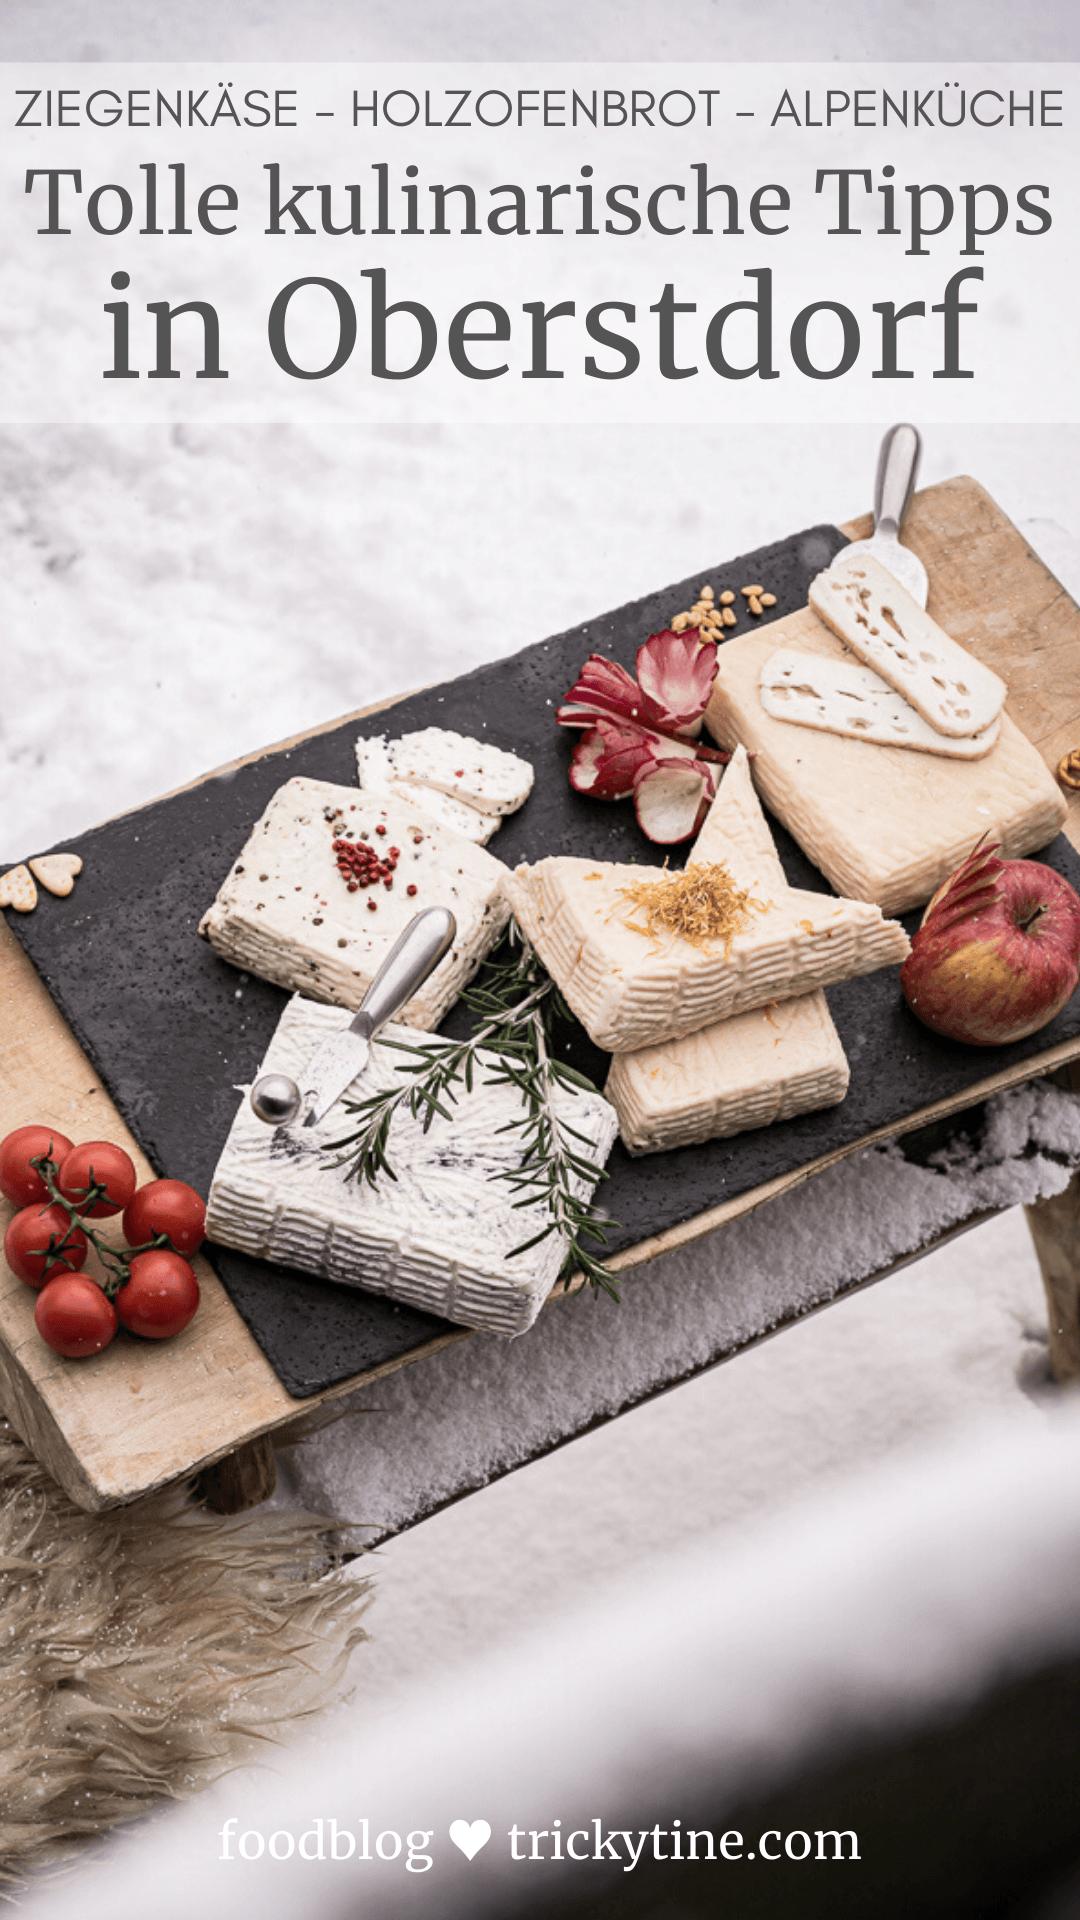 Oberstdorf kulinarische Tipps Pinterest trickytine